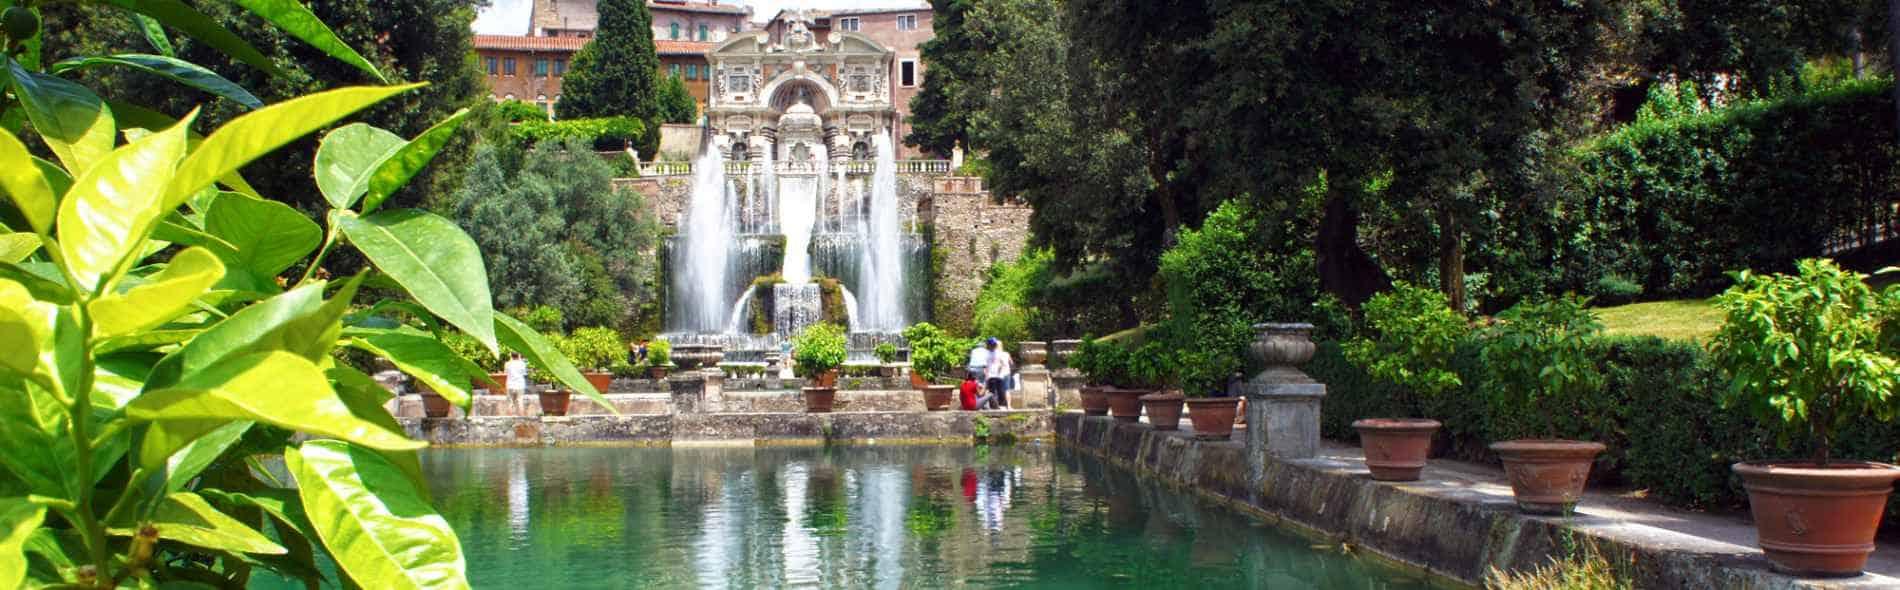 Hadrian's Villa, Villa d'Este, Tivoli private tour